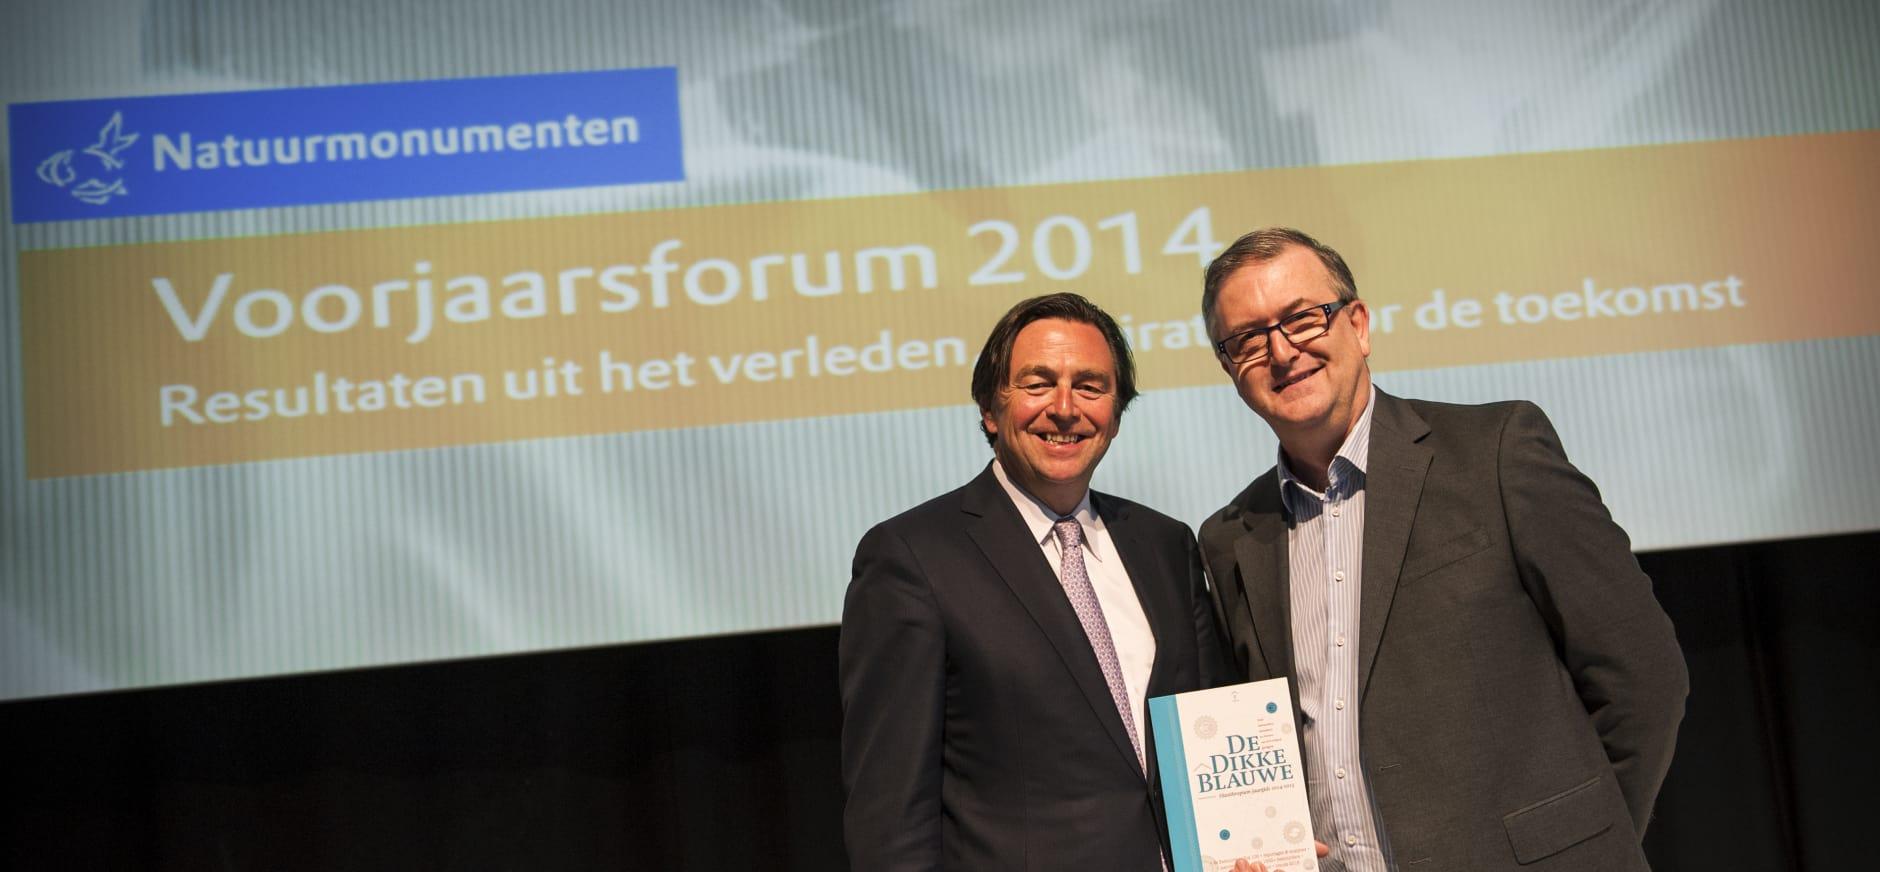 Eerste exemplaar van Filanthropium jaargids uitgereikt